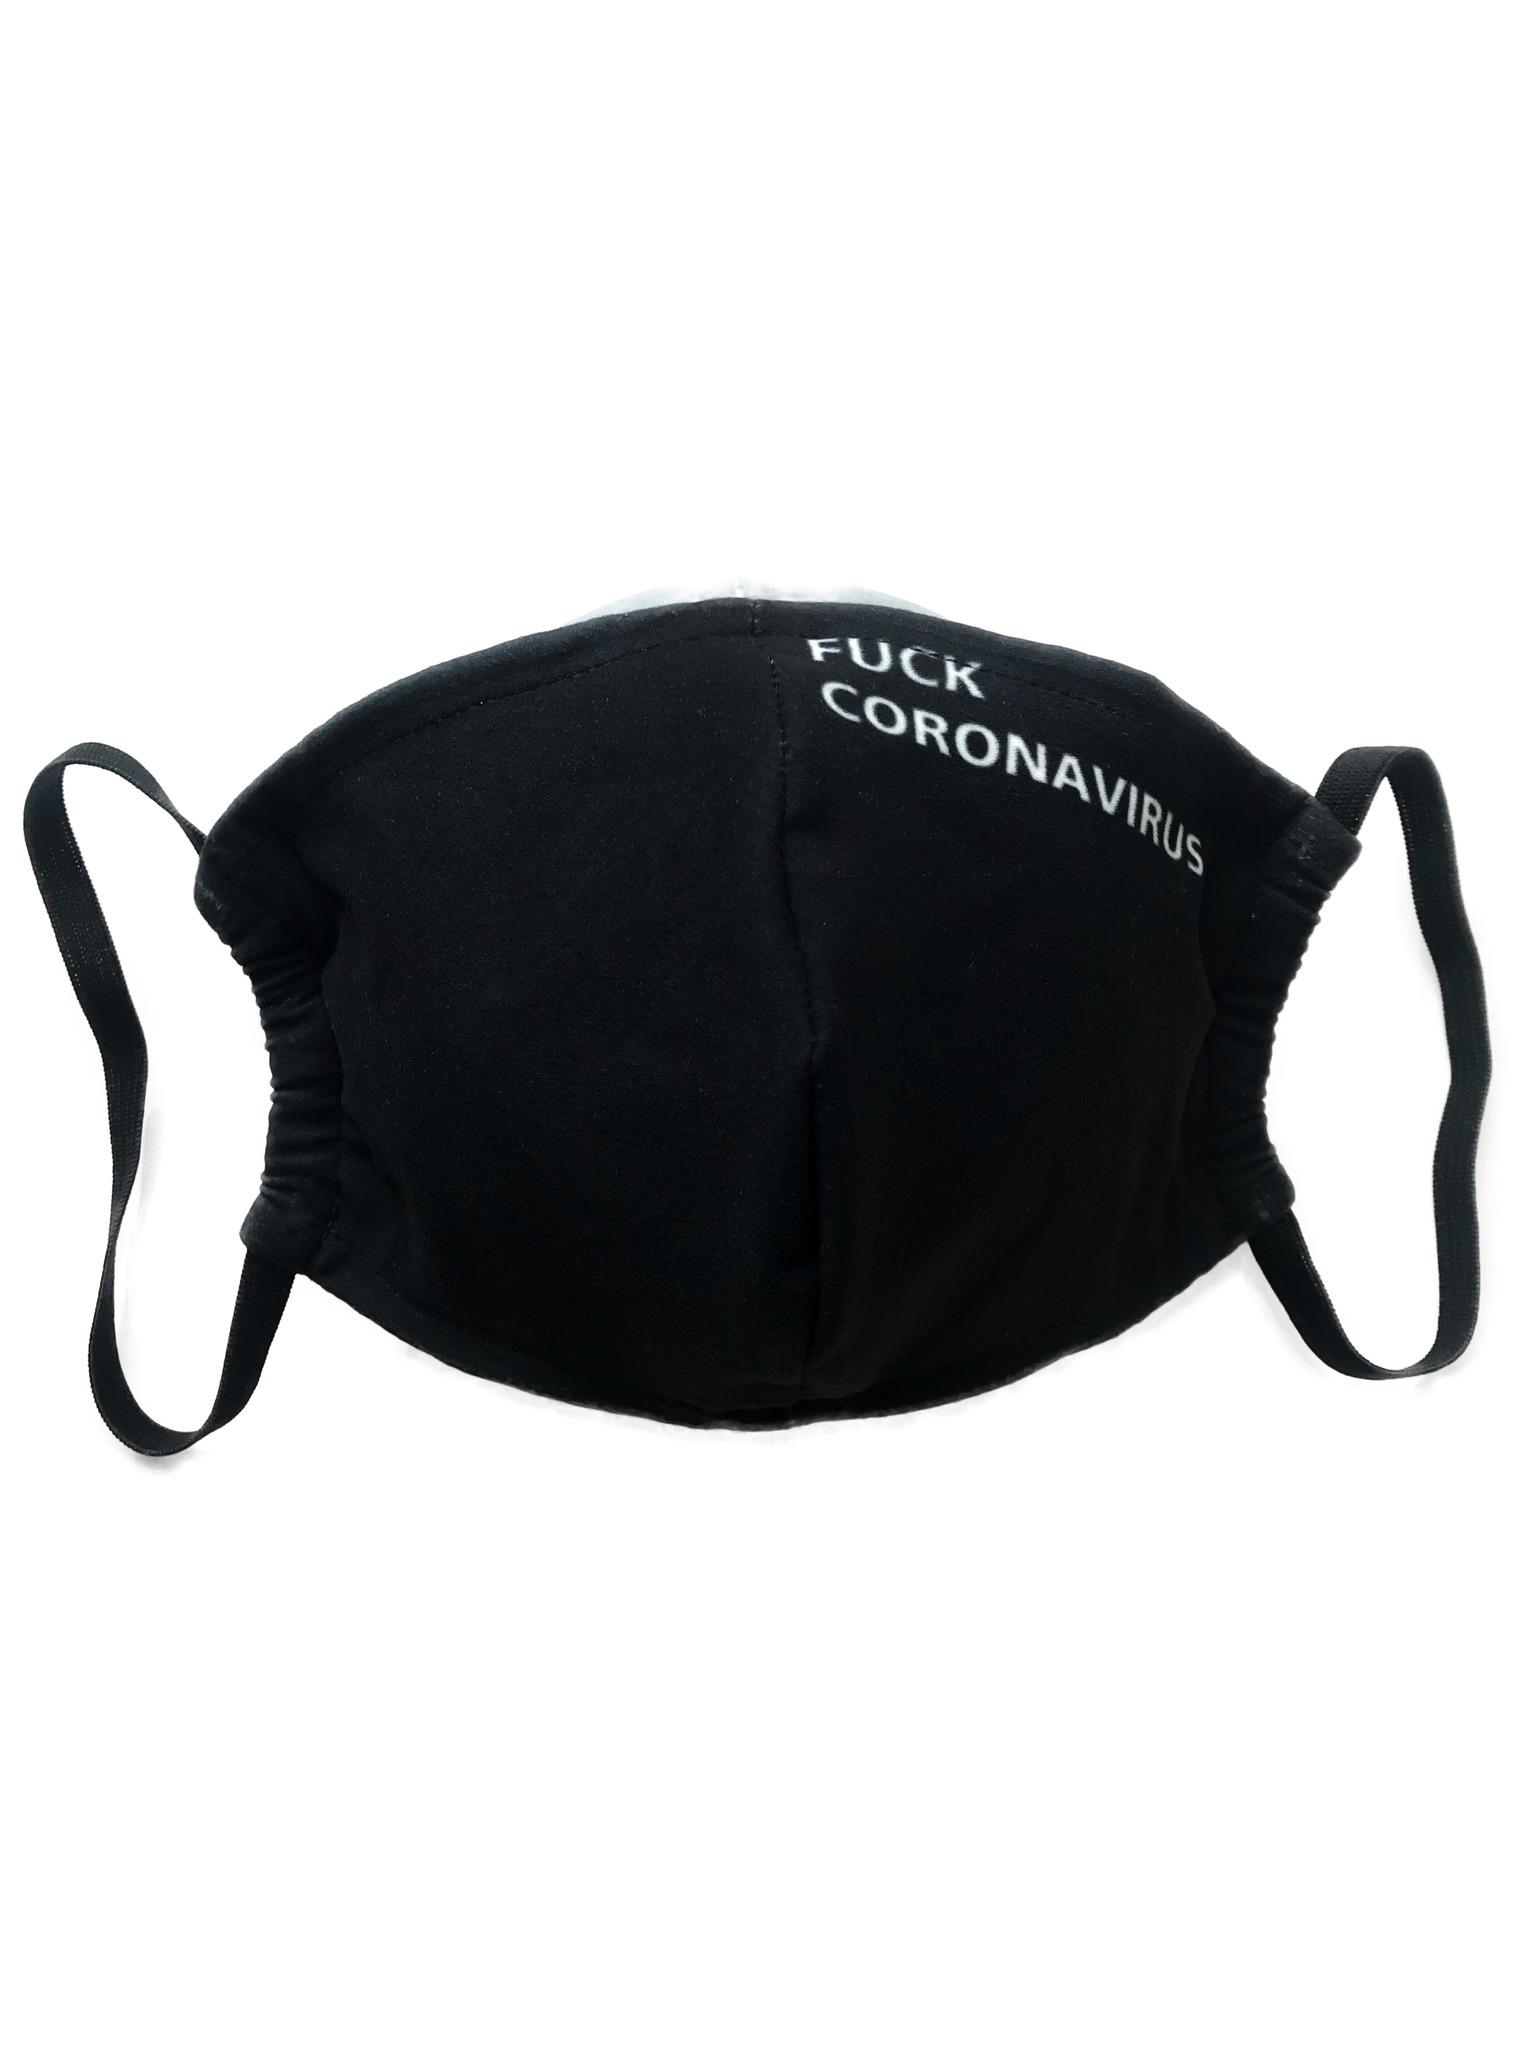 gekoko / Маска тканевая Fuck Coronavirus